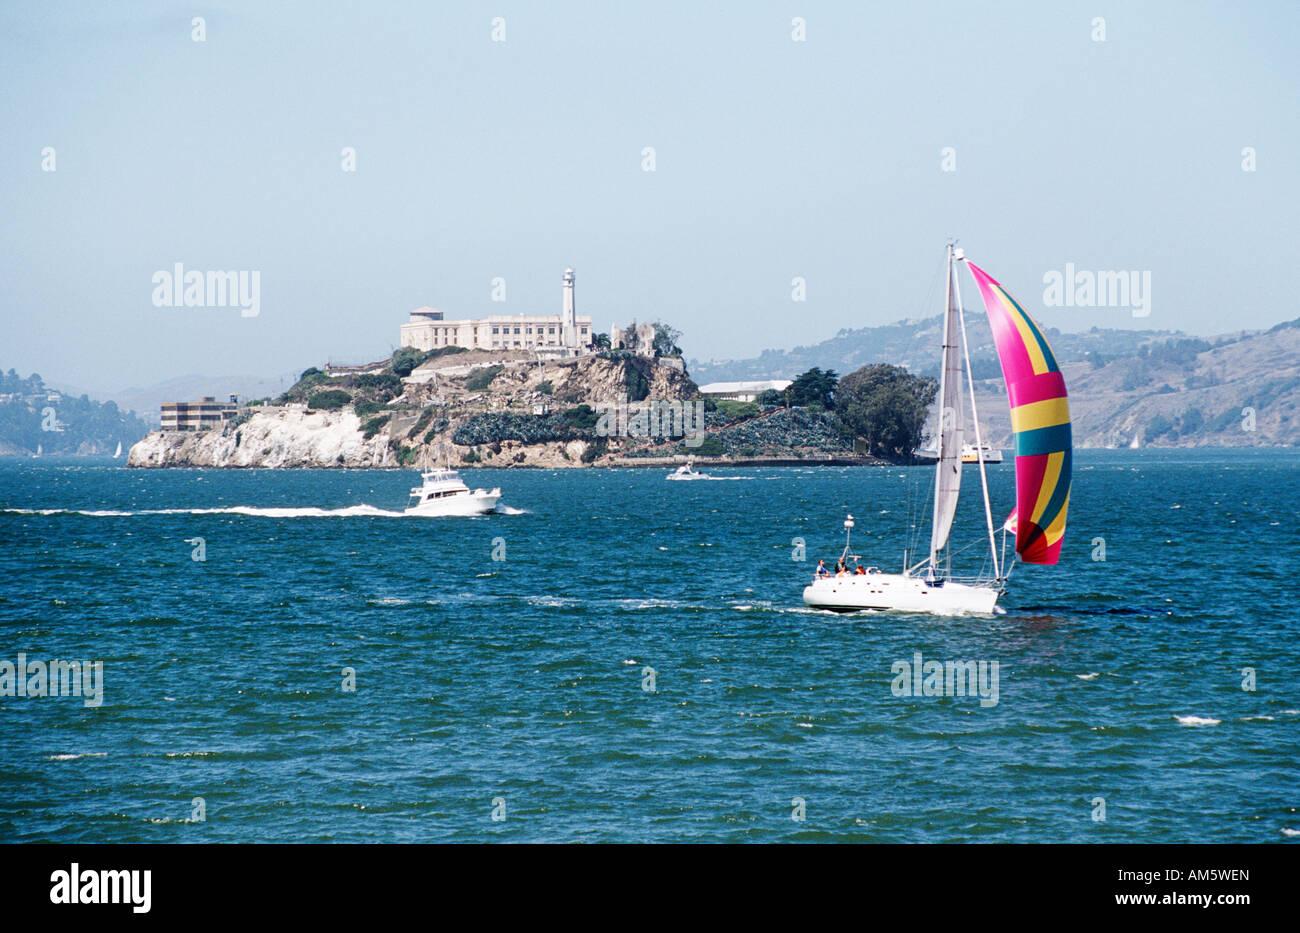 Yacht sailing near Alcatraz, off the San Francisco coast, San Francisco, California, USA - Stock Image